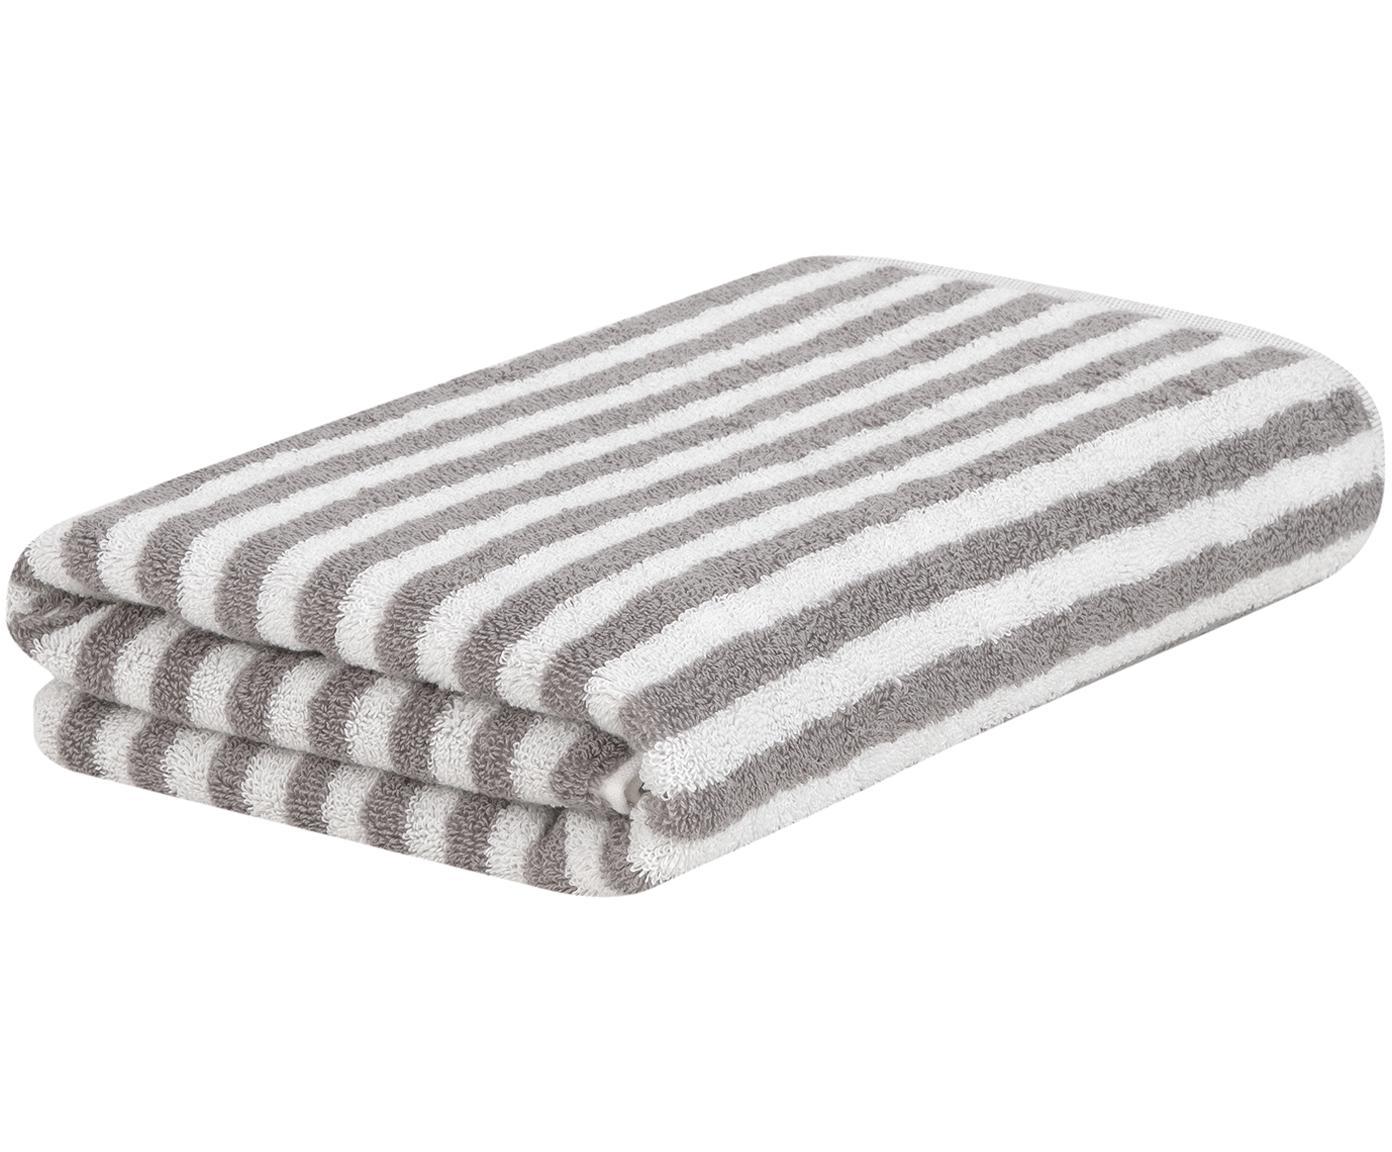 Asciugamano a righe Viola, Grigio, bianco crema, Telo bagno